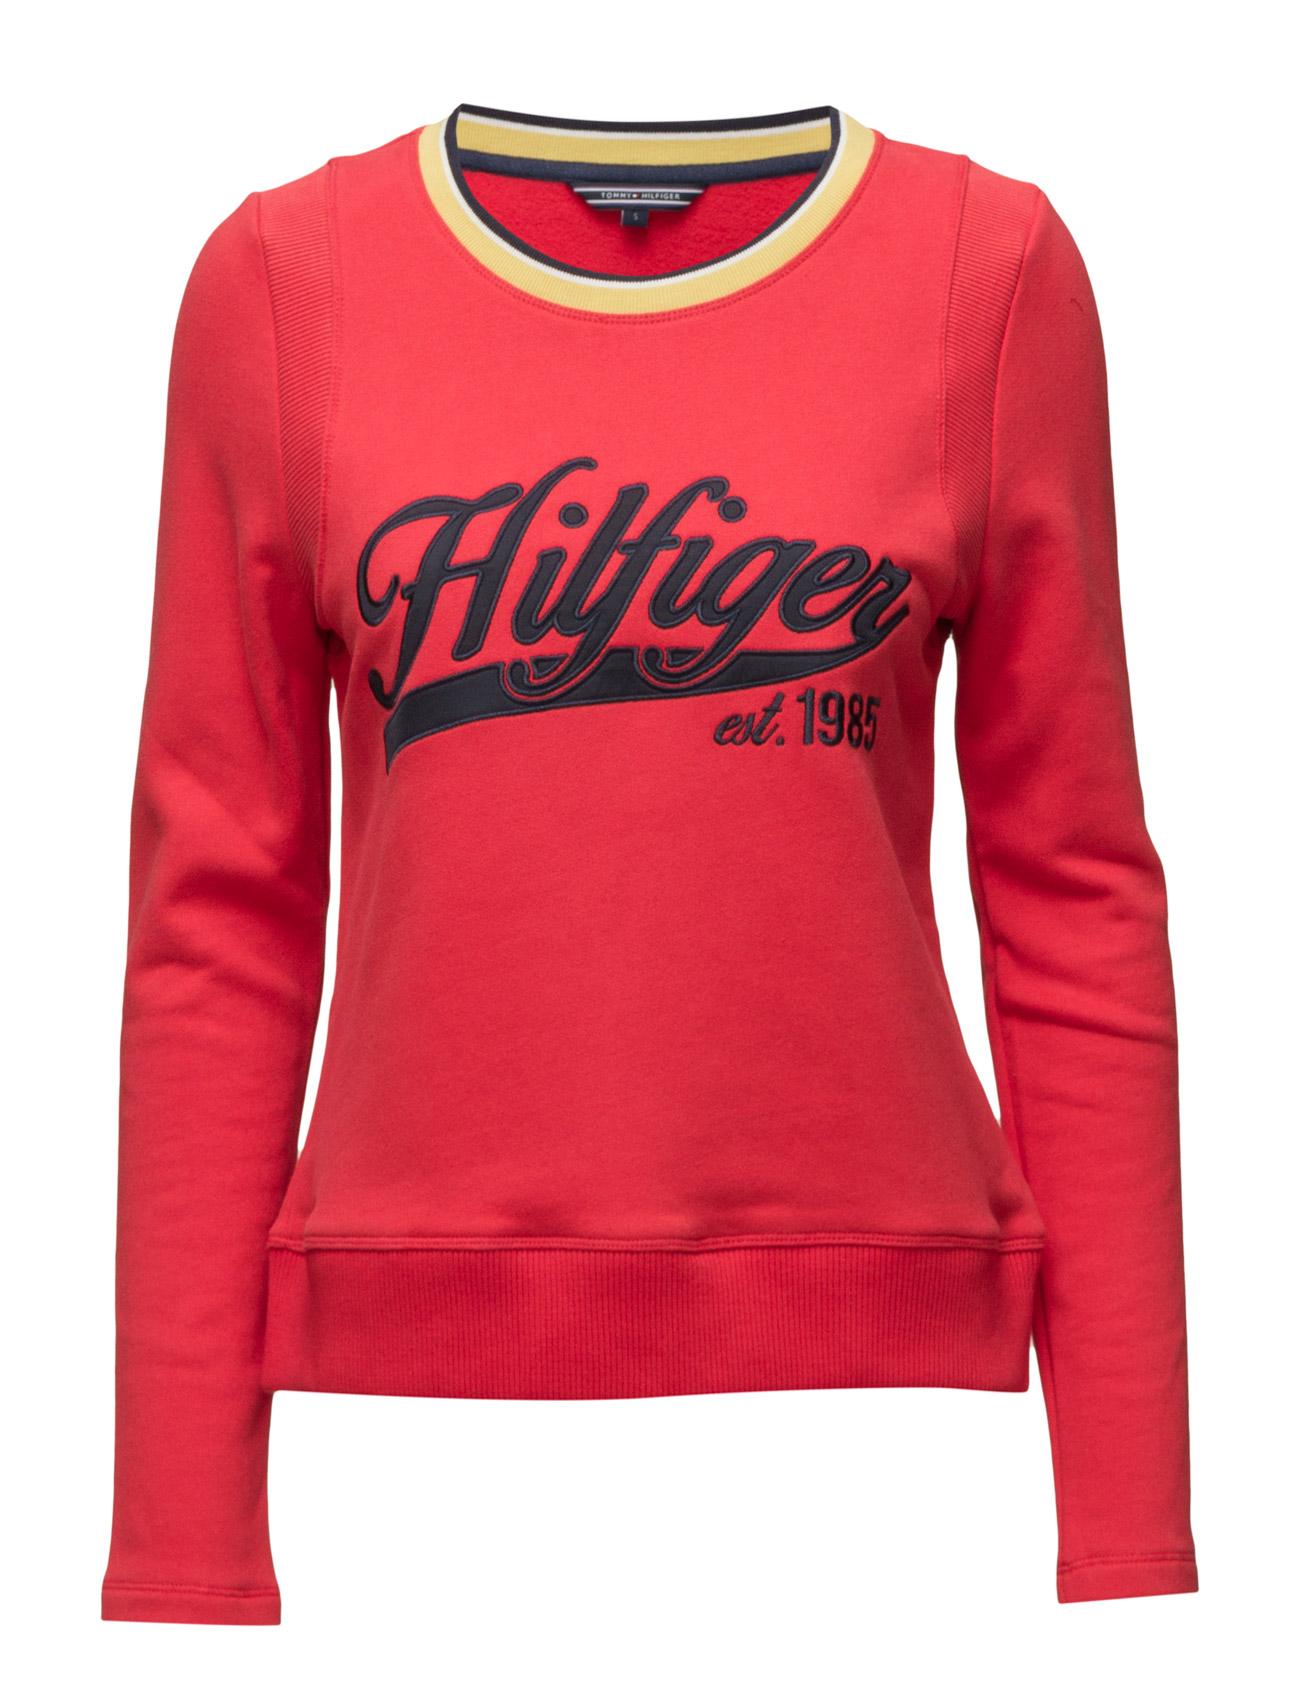 Odra Graphic Sweatshirt Ls Tommy Hilfiger  til Kvinder i Rød